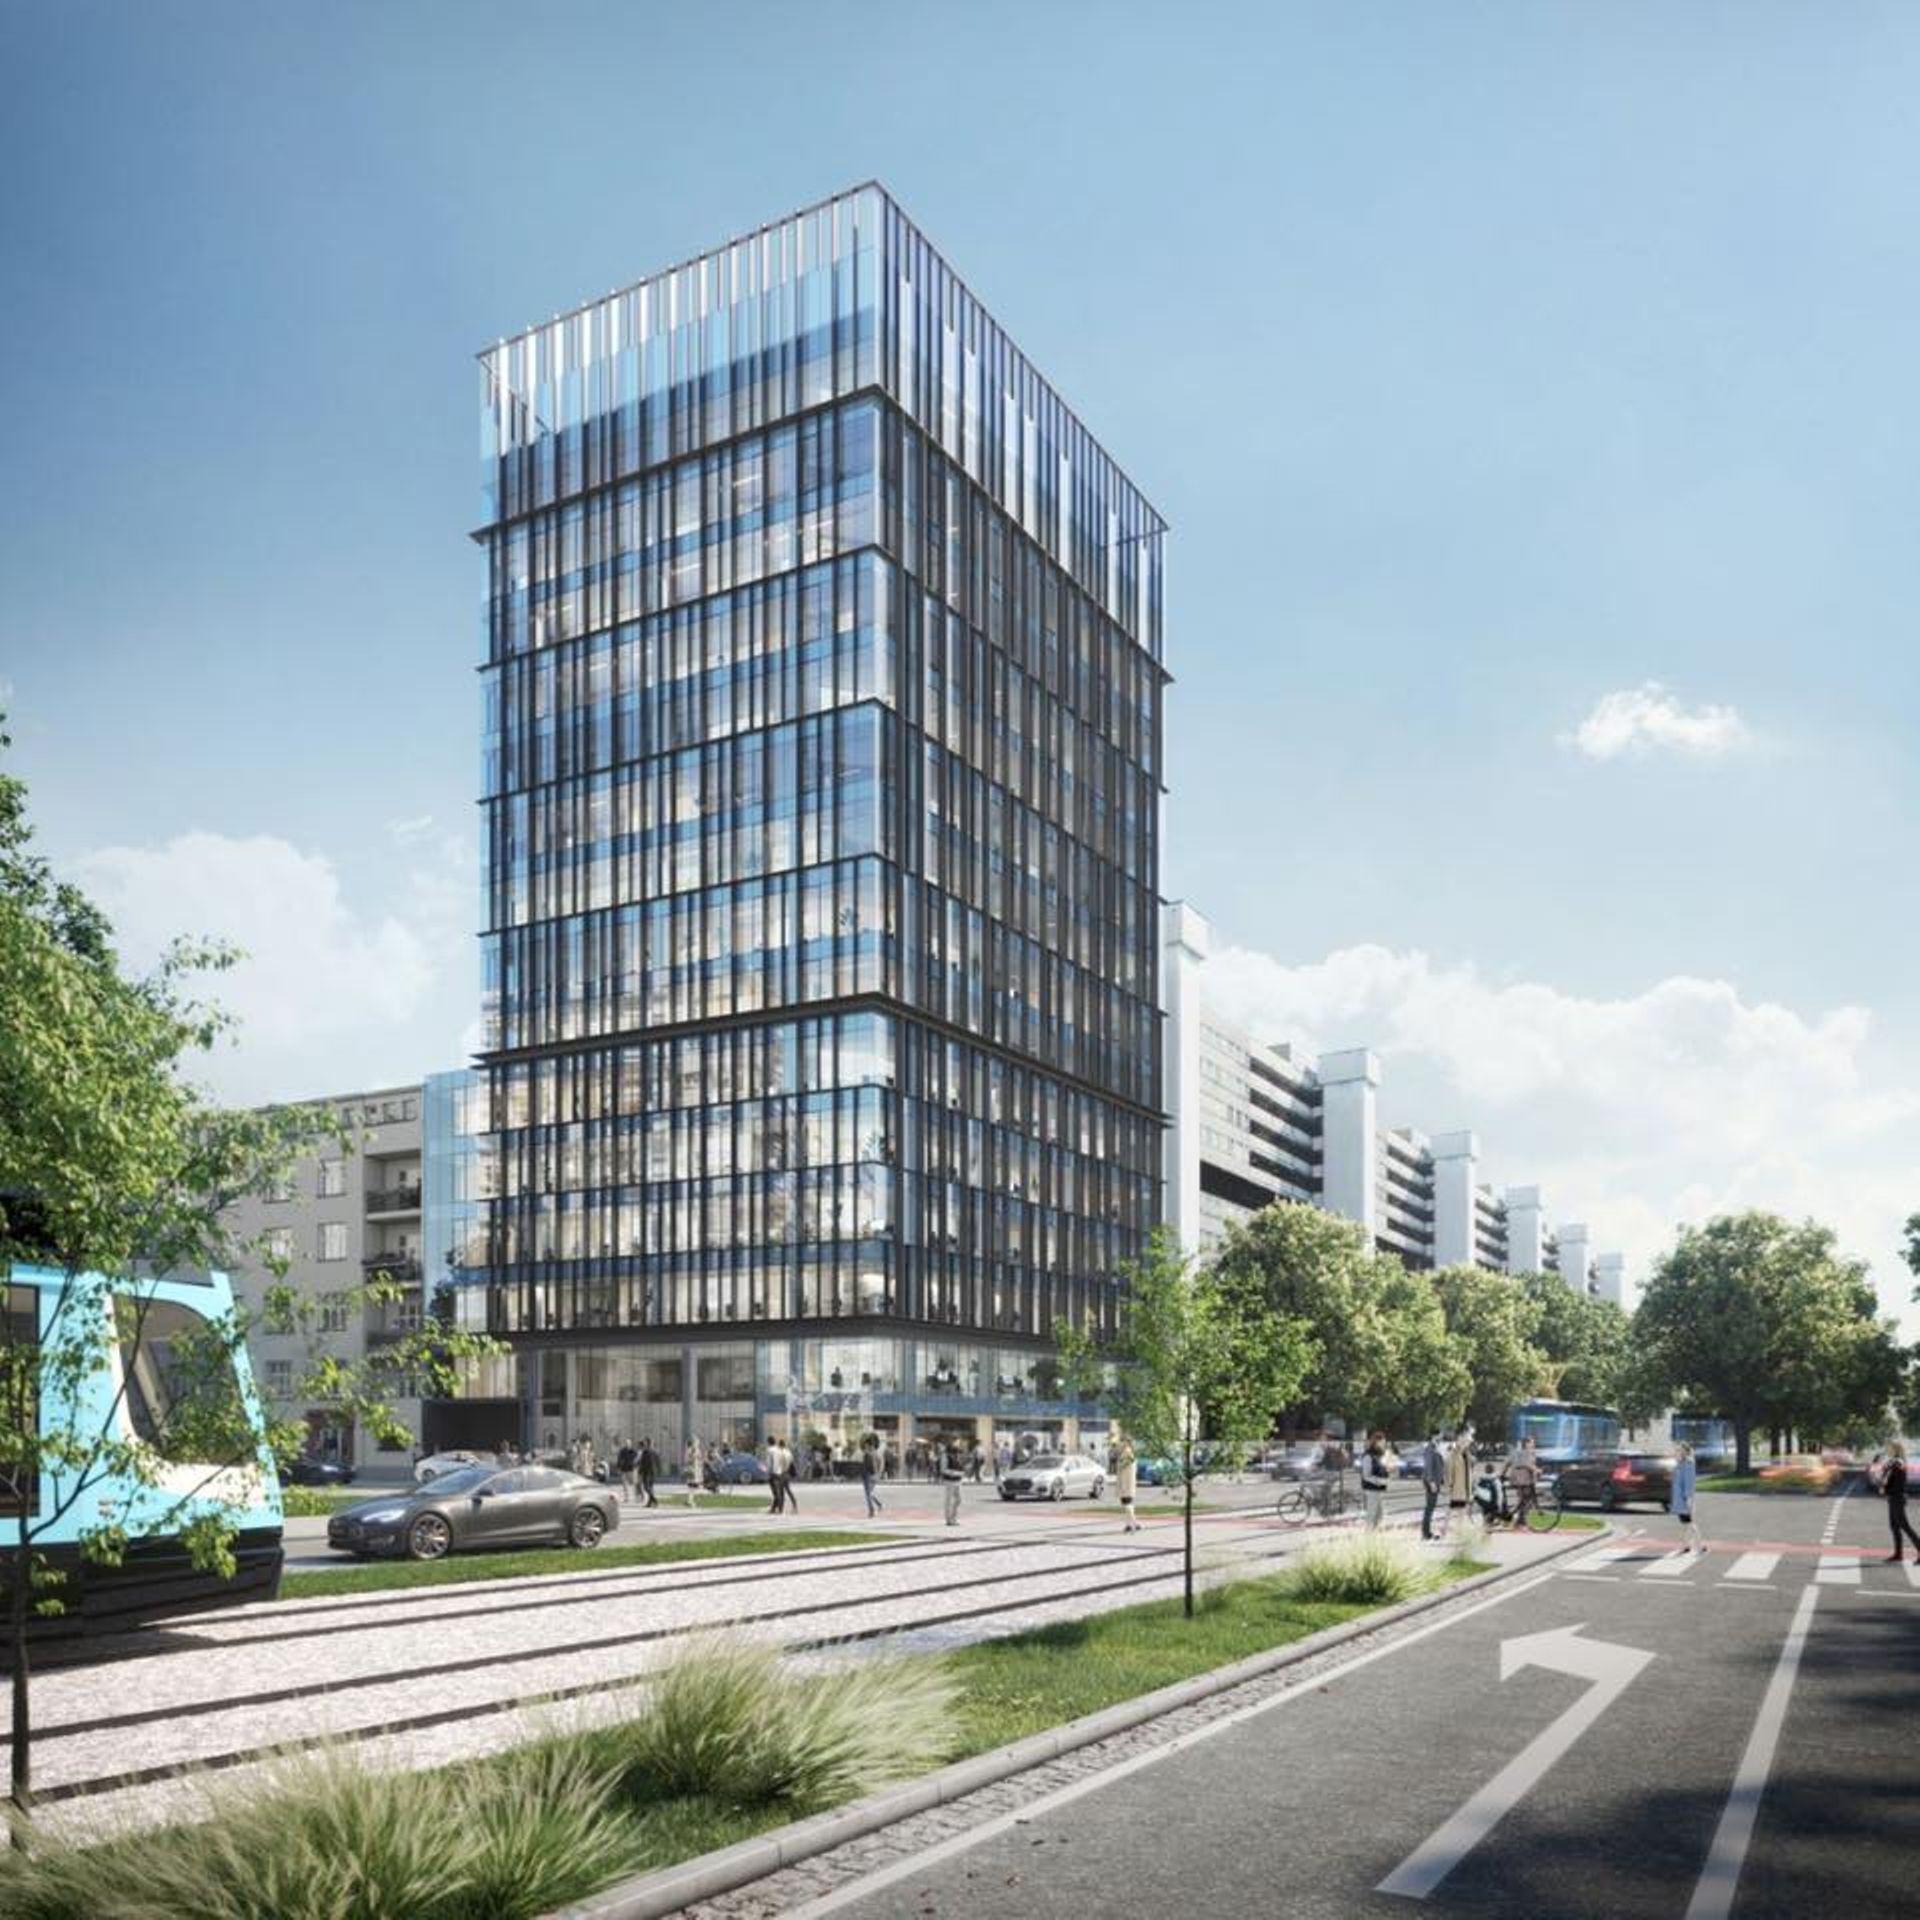 Trwa budowa ponad 60-metrowego biurowca obok Sky Tower. Jest nowy termin zakończenia prac